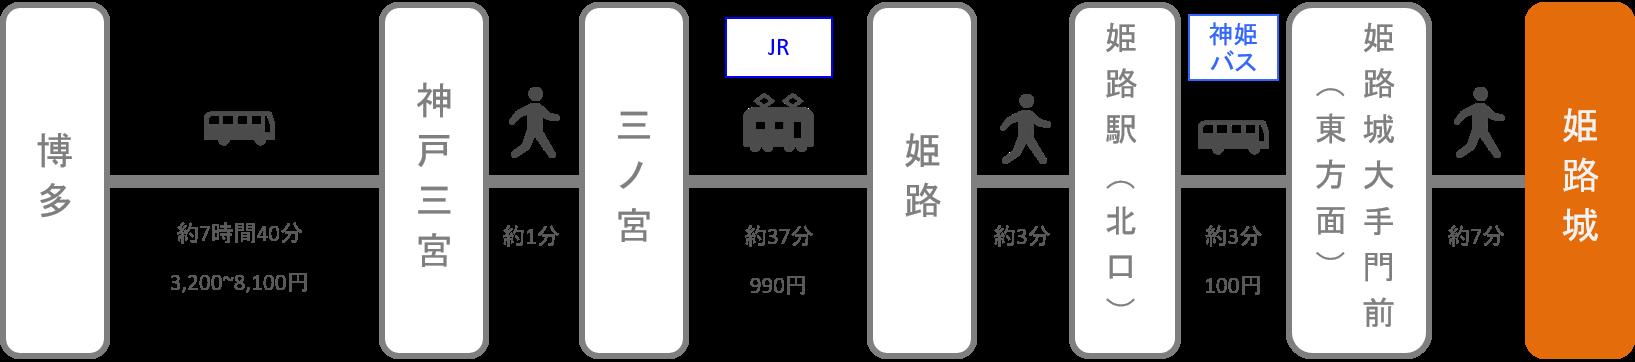 姫路城_博多(福岡)_高速バス